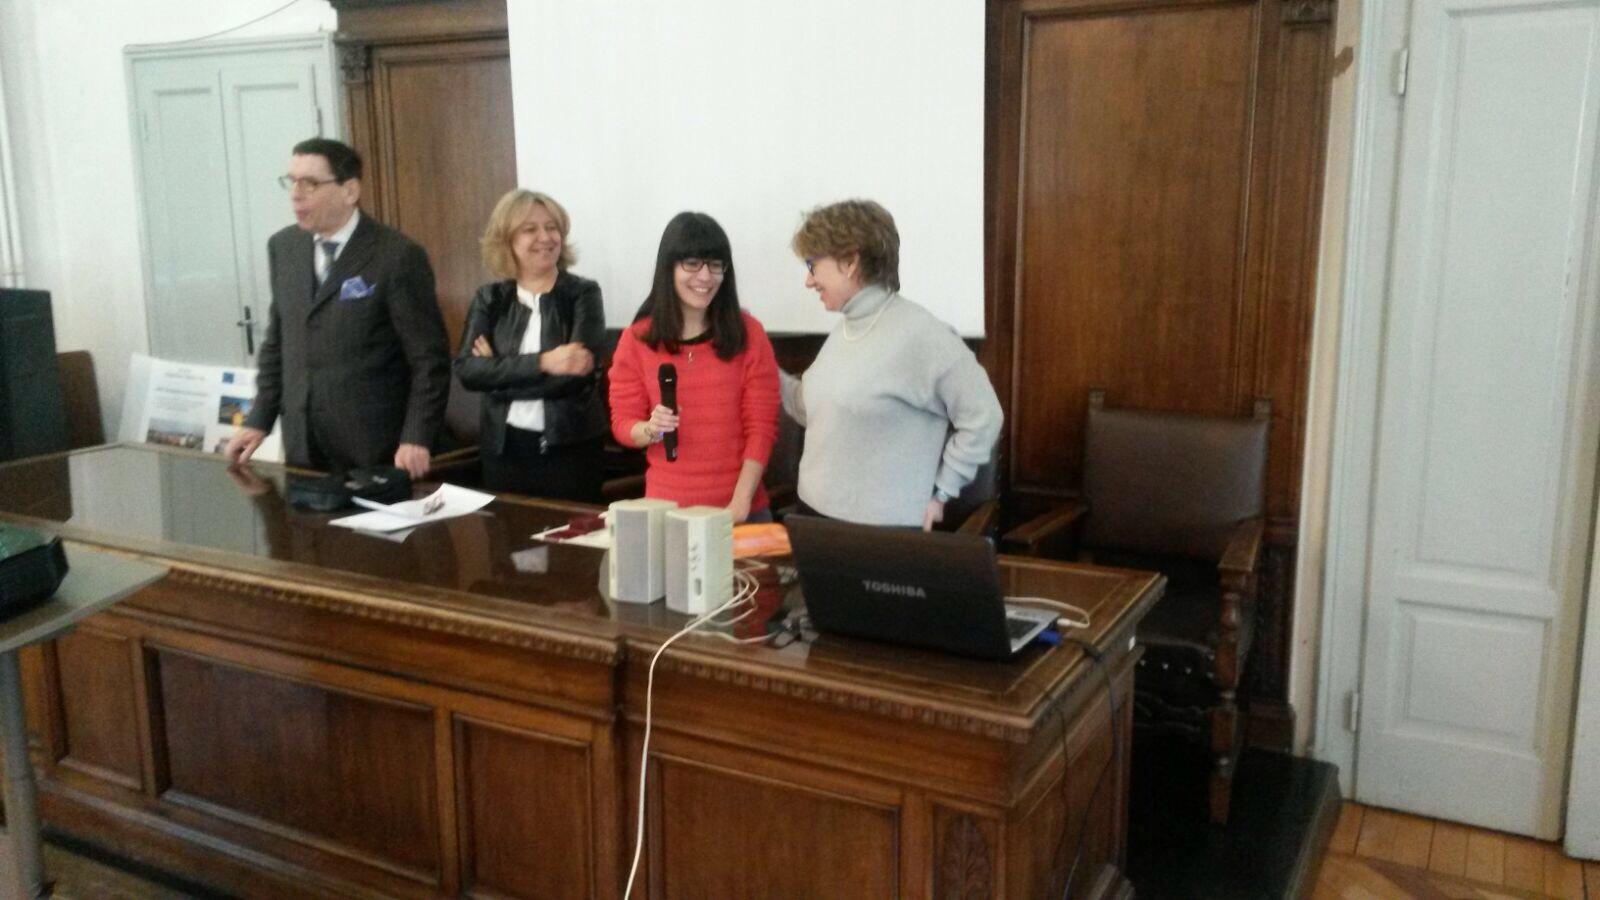 Il Prof Brioschi, la Preside Morelli, la premiata e la vice presidente del premio